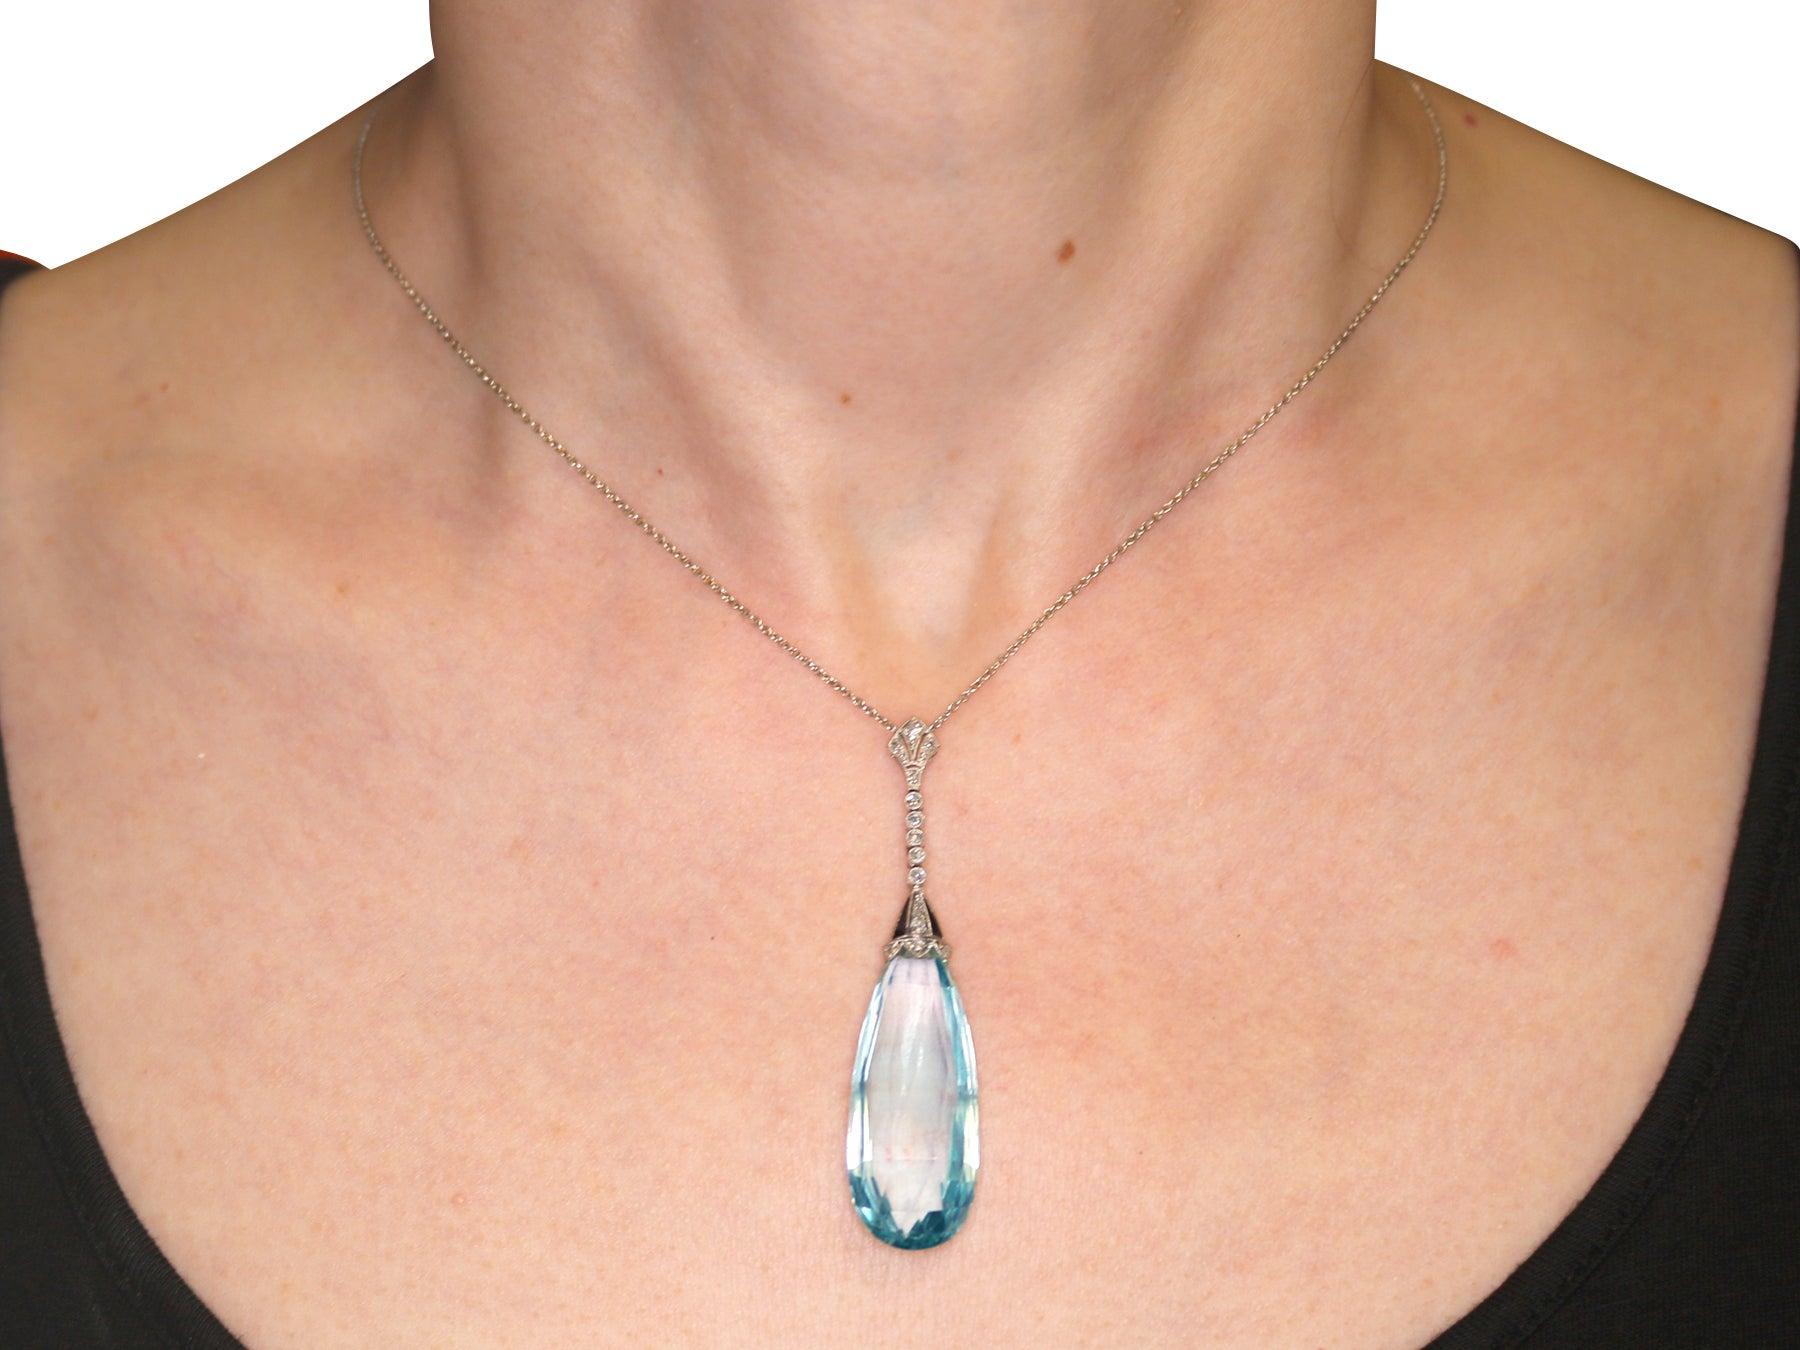 1920s art deco 2364 carat aquamarine and diamond platinum necklace 1920s art deco 2364 carat aquamarine and diamond platinum necklace for sale at 1stdibs aloadofball Images